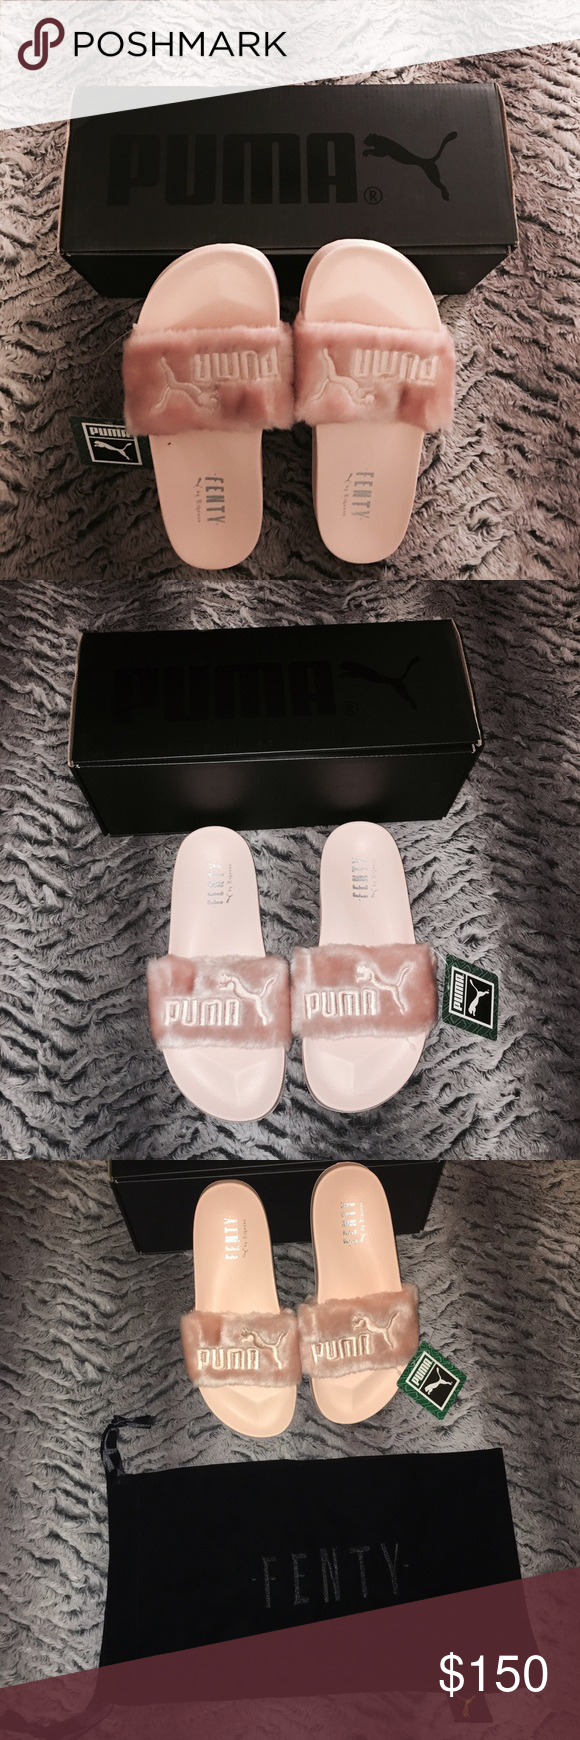 5df6dbbfd701f3 Rihanna X Fenty puma flip flop sizes 7